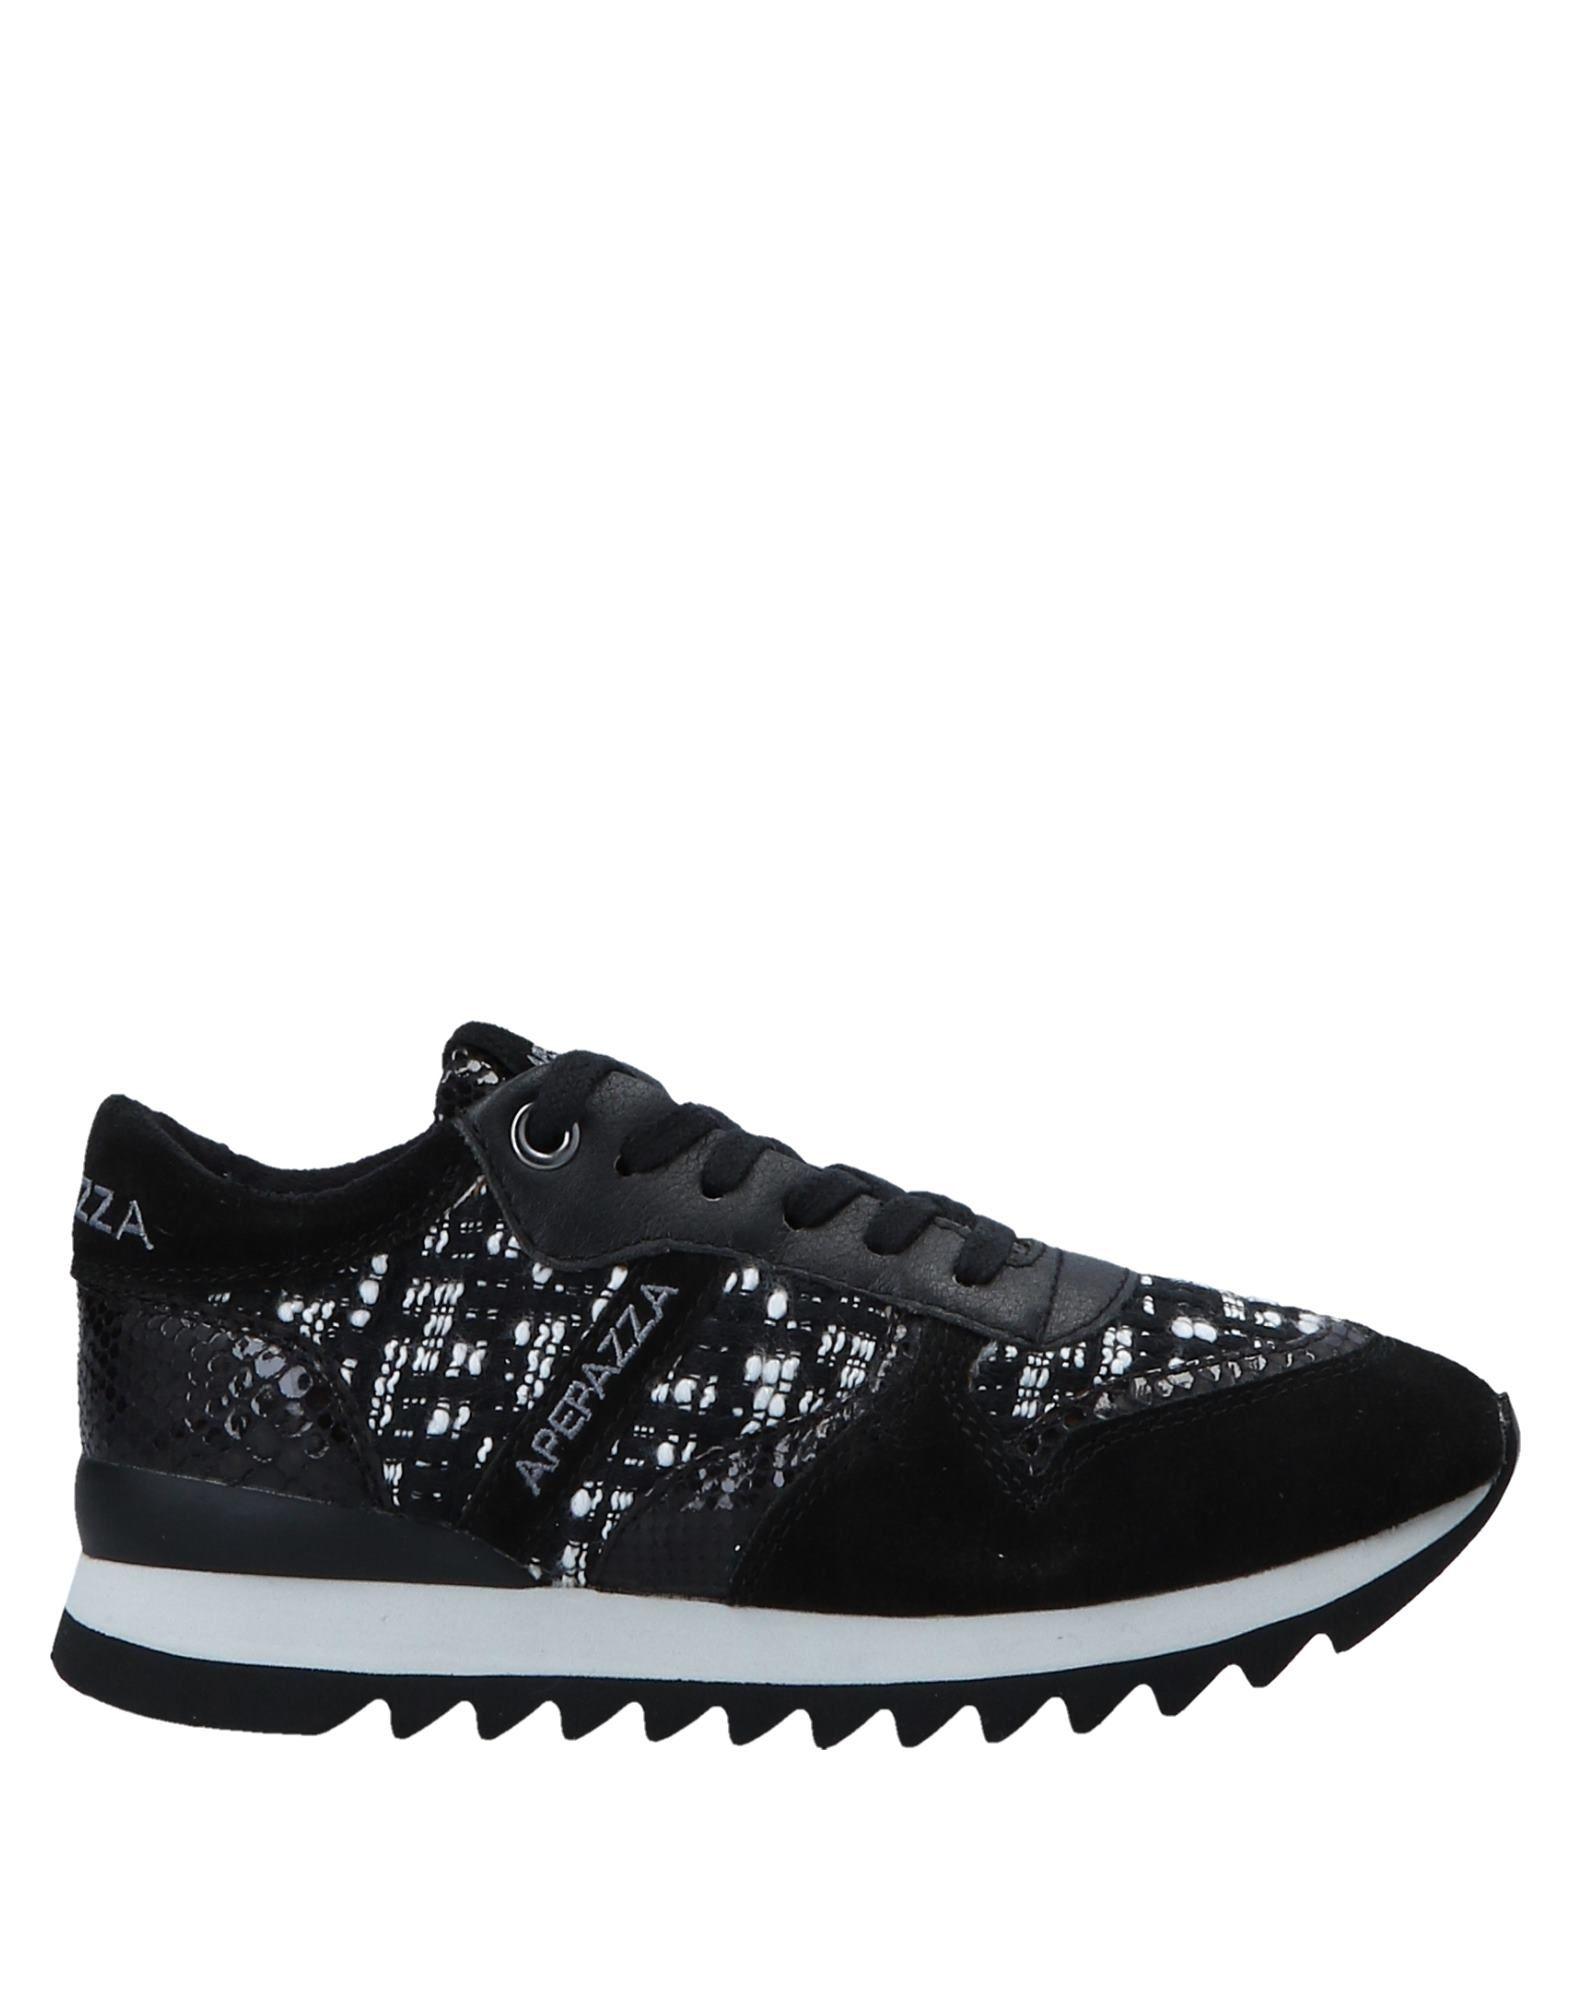 Apepazza Sneakers Damen  11045223JD Gute Qualität beliebte Schuhe